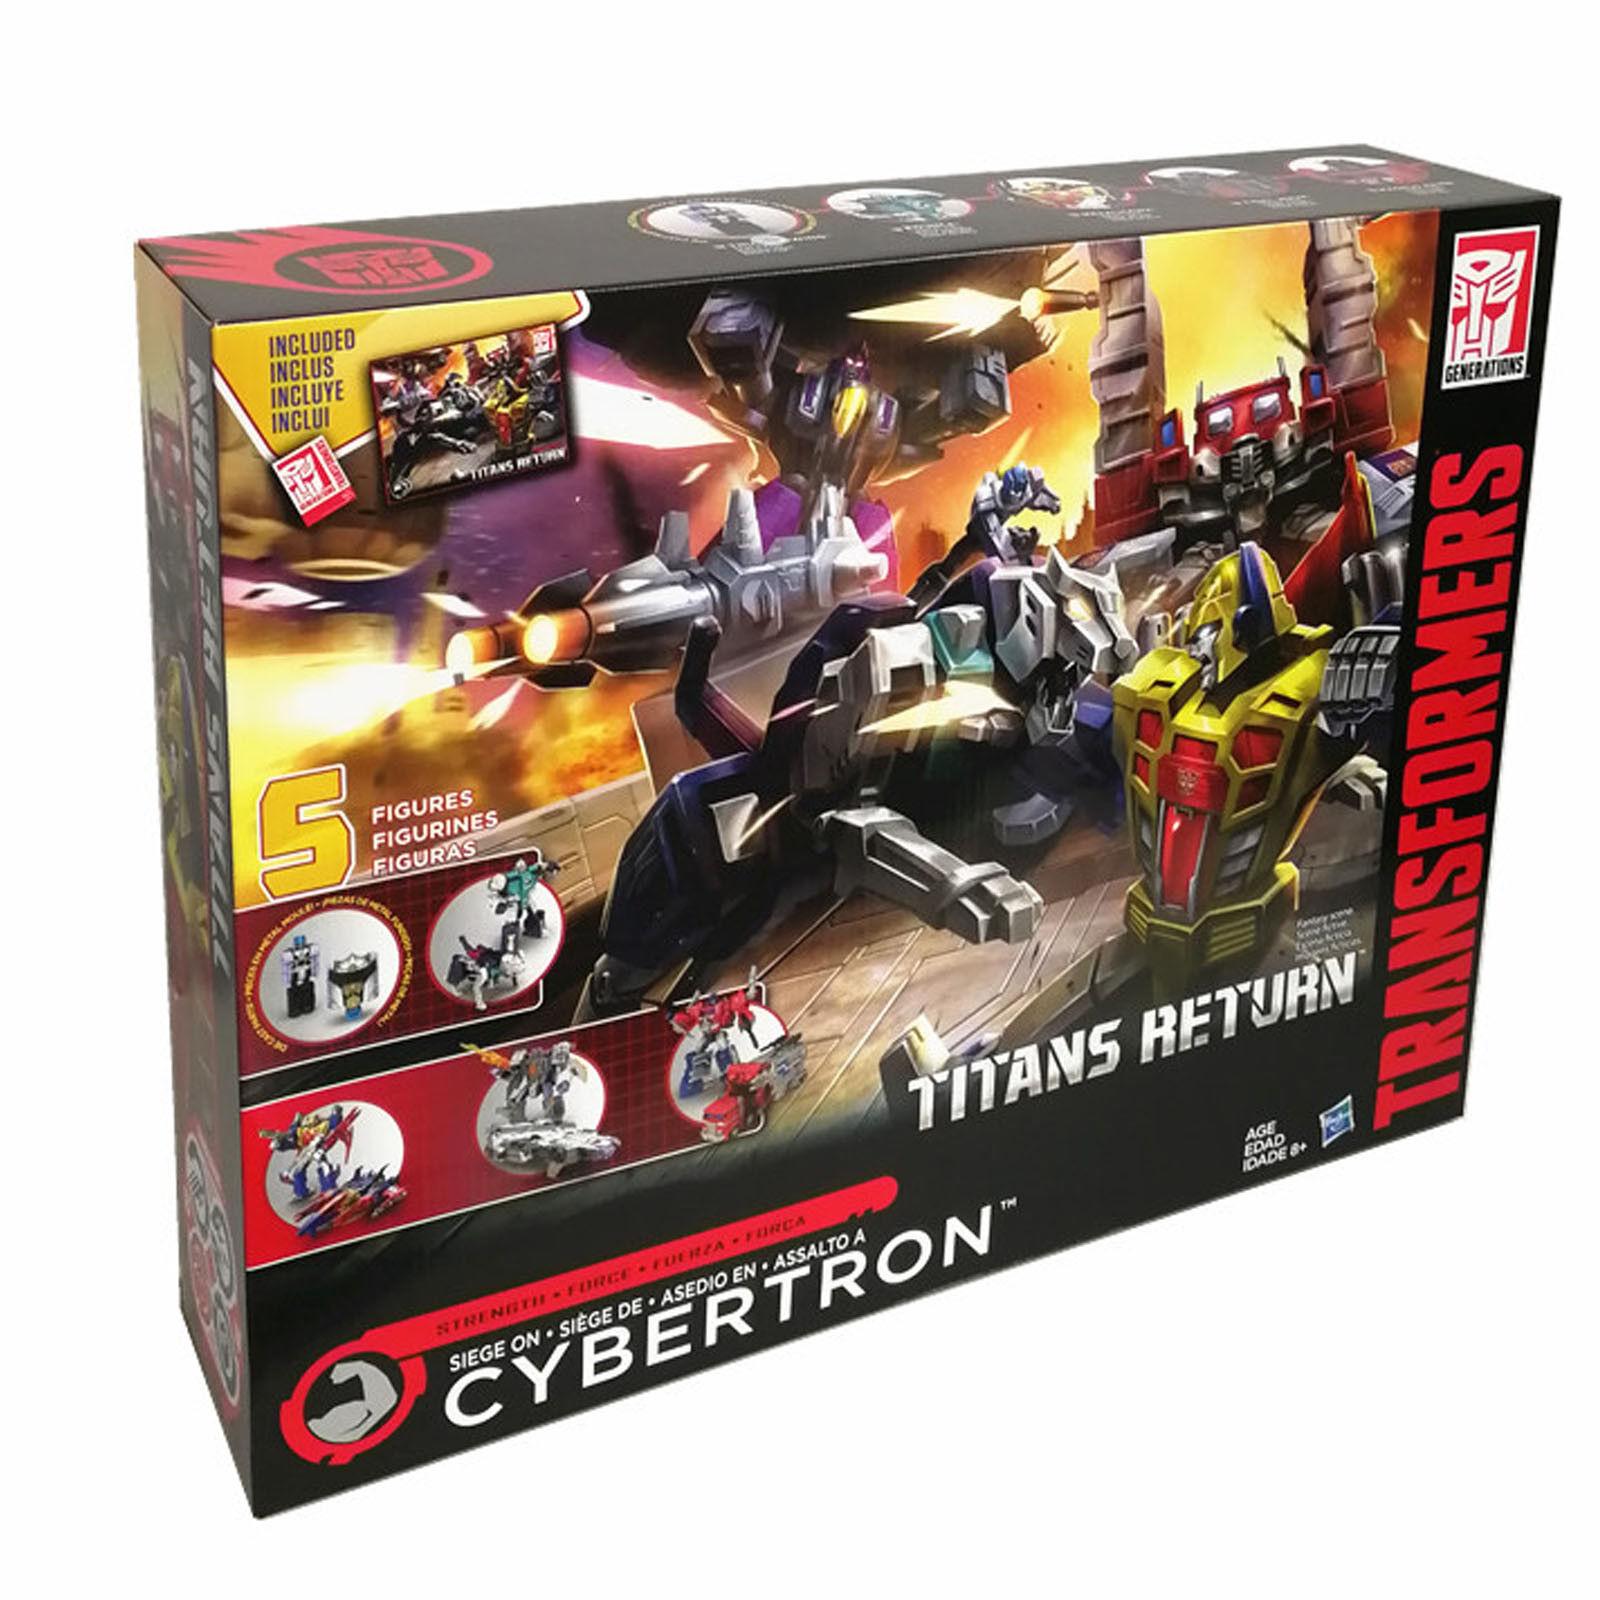 Transformers Titanes retorno Siege en Cybertron 5 Figuras De Acción Figura Colección